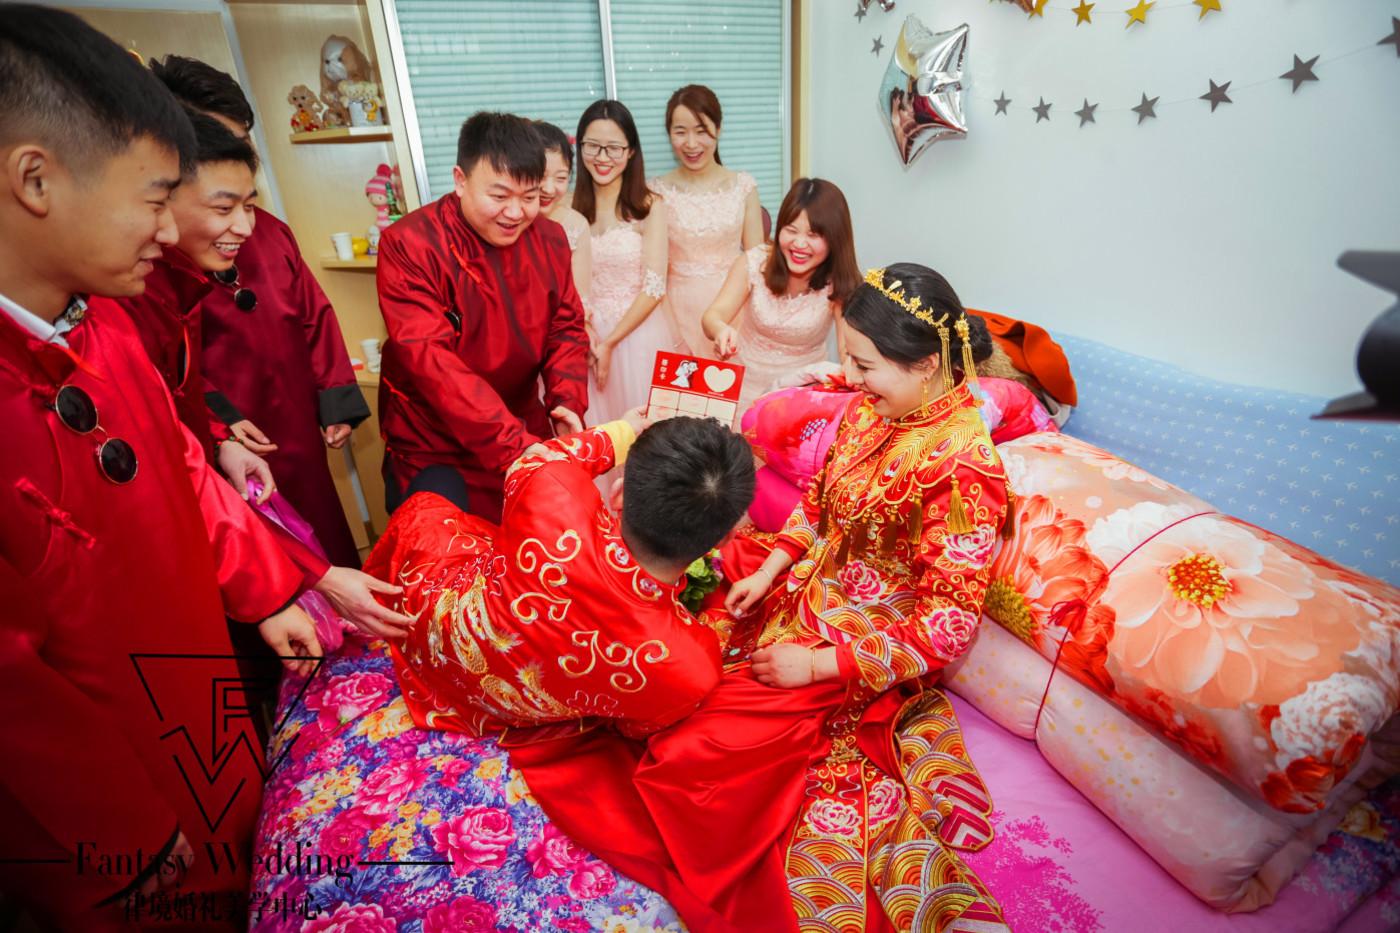 「Fantasy Wedding」&G R 白金汉爵7